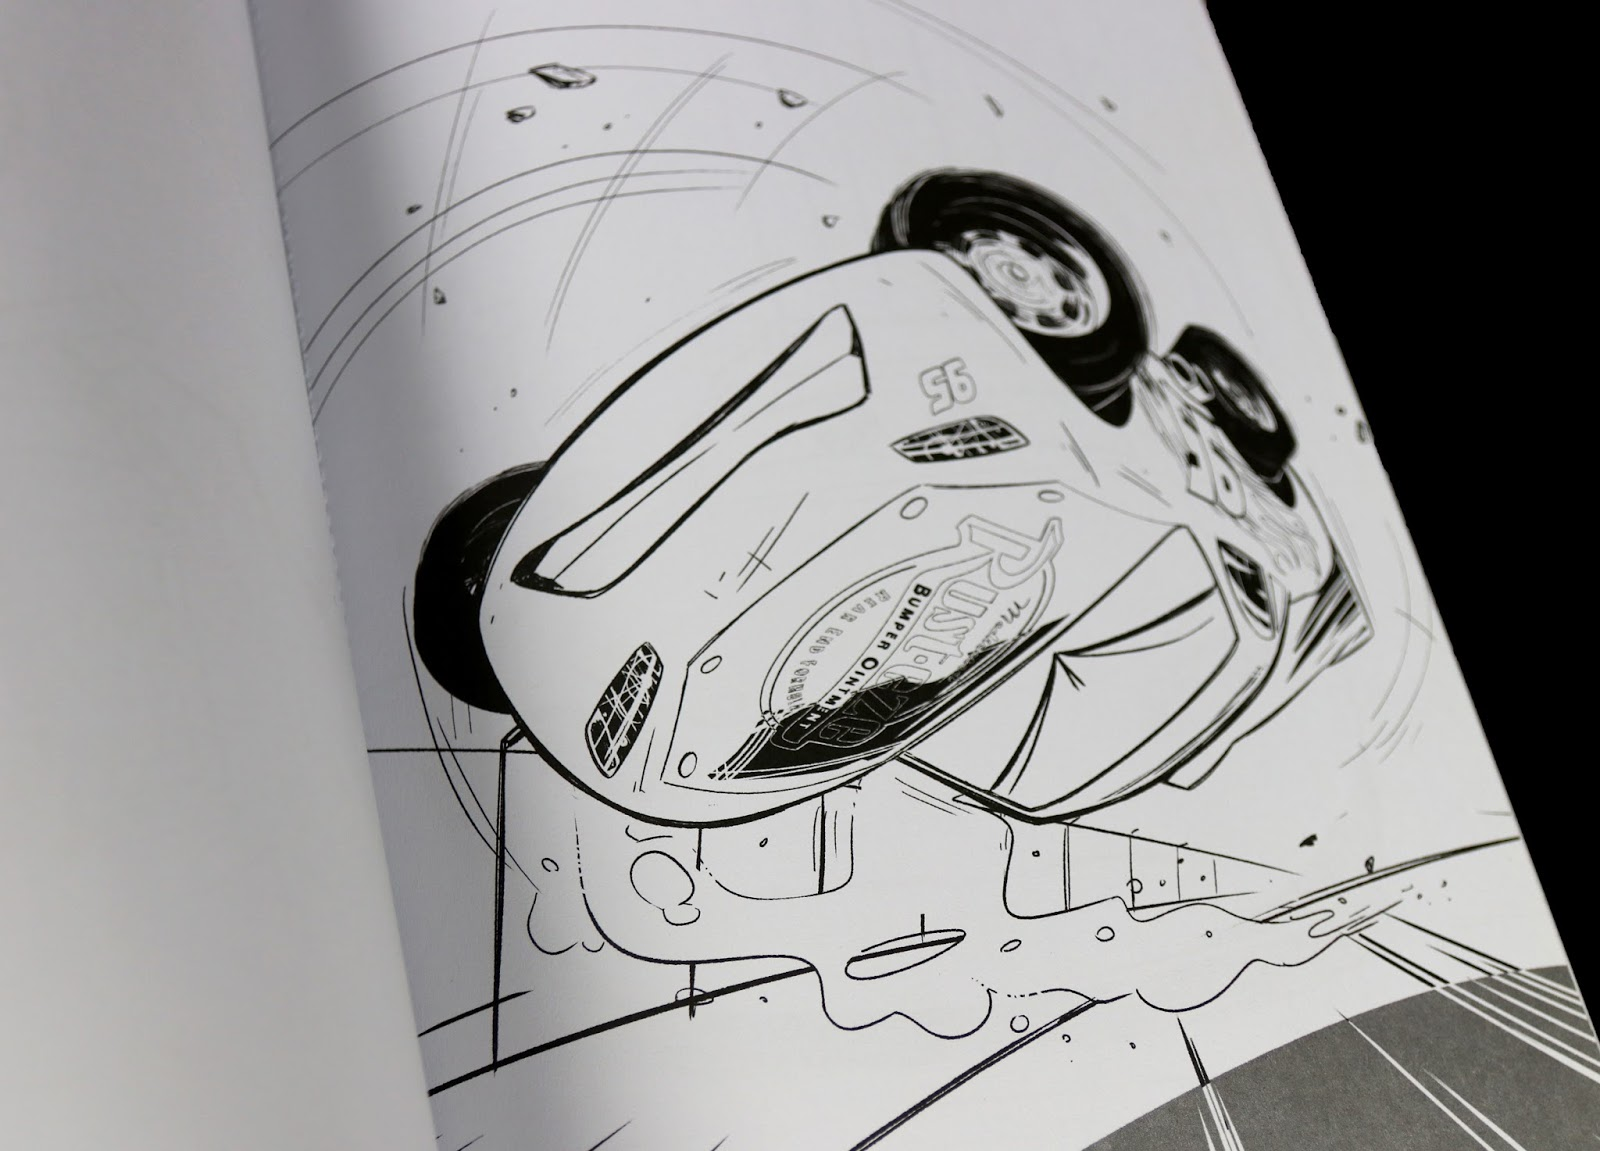 pixar cars 3 STORM FRONT PAINT BOOK